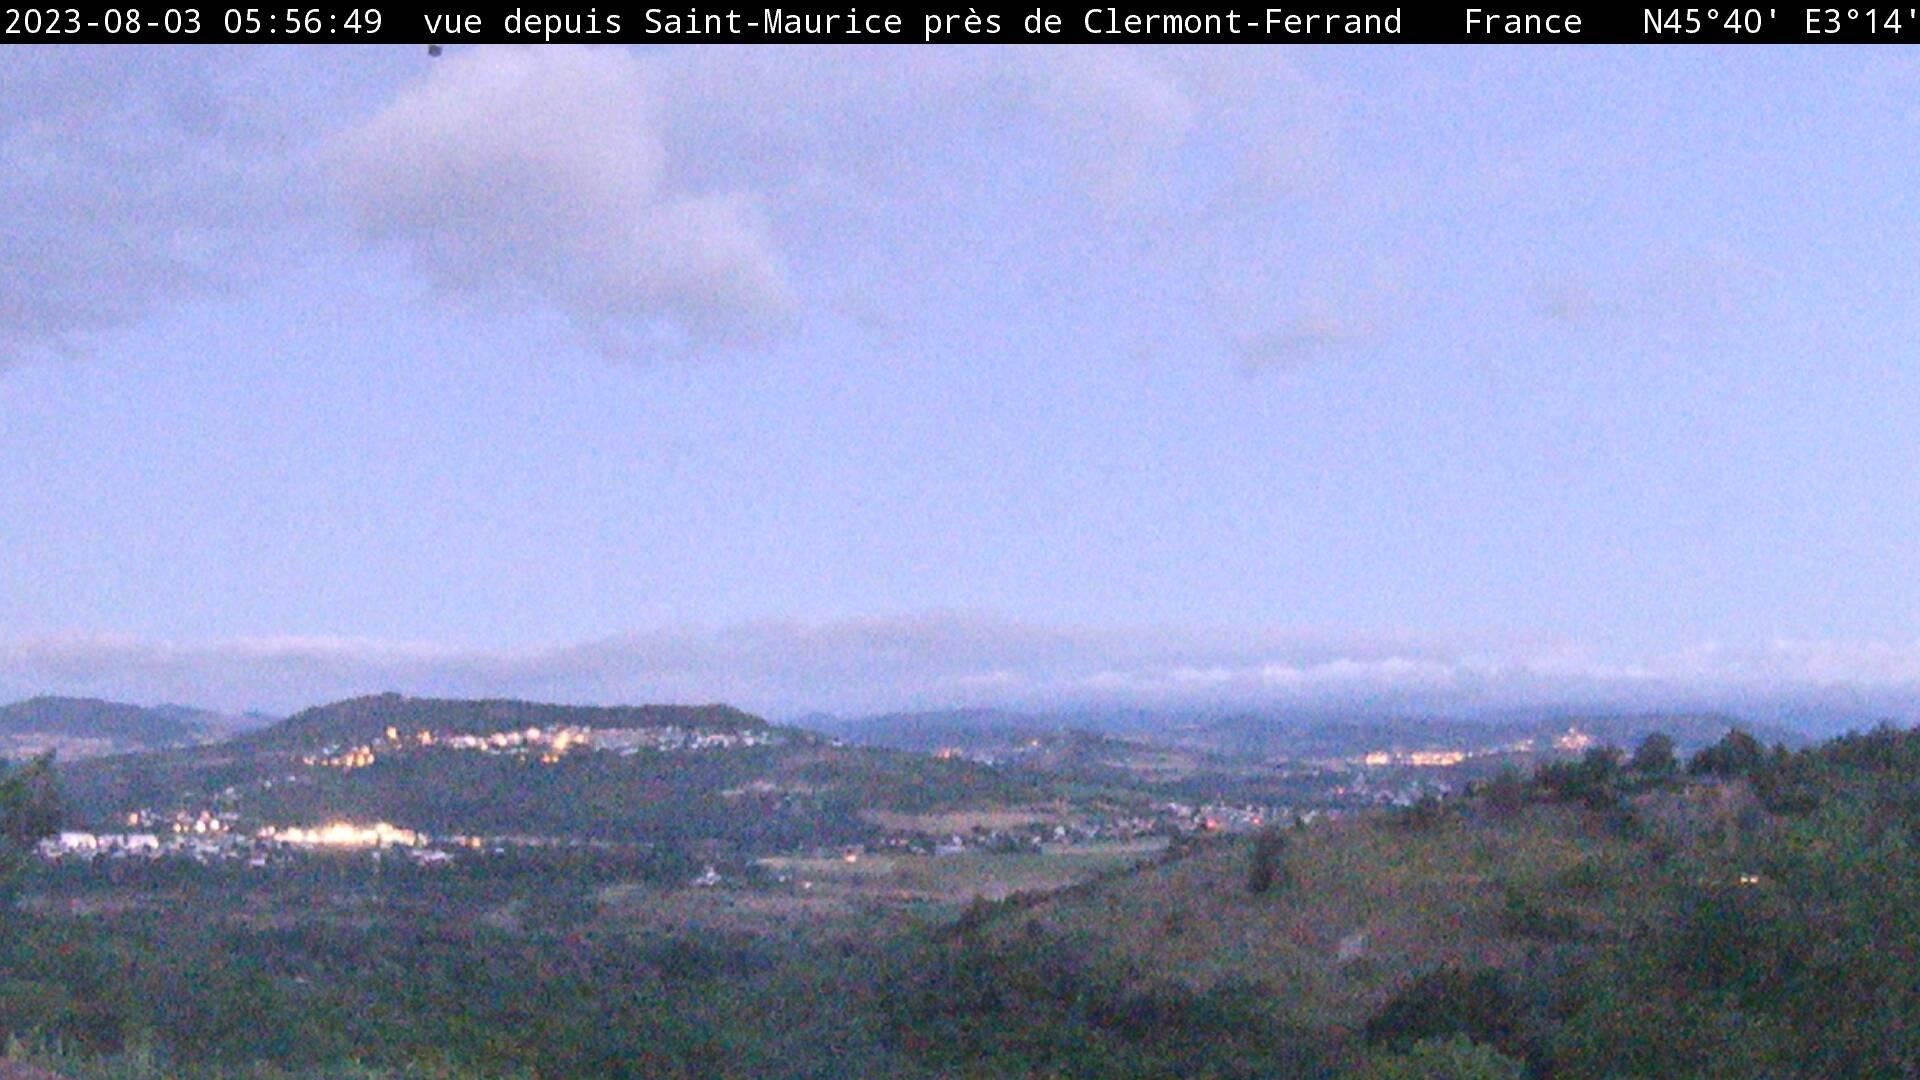 Saint-Maurice Sun. 05:57